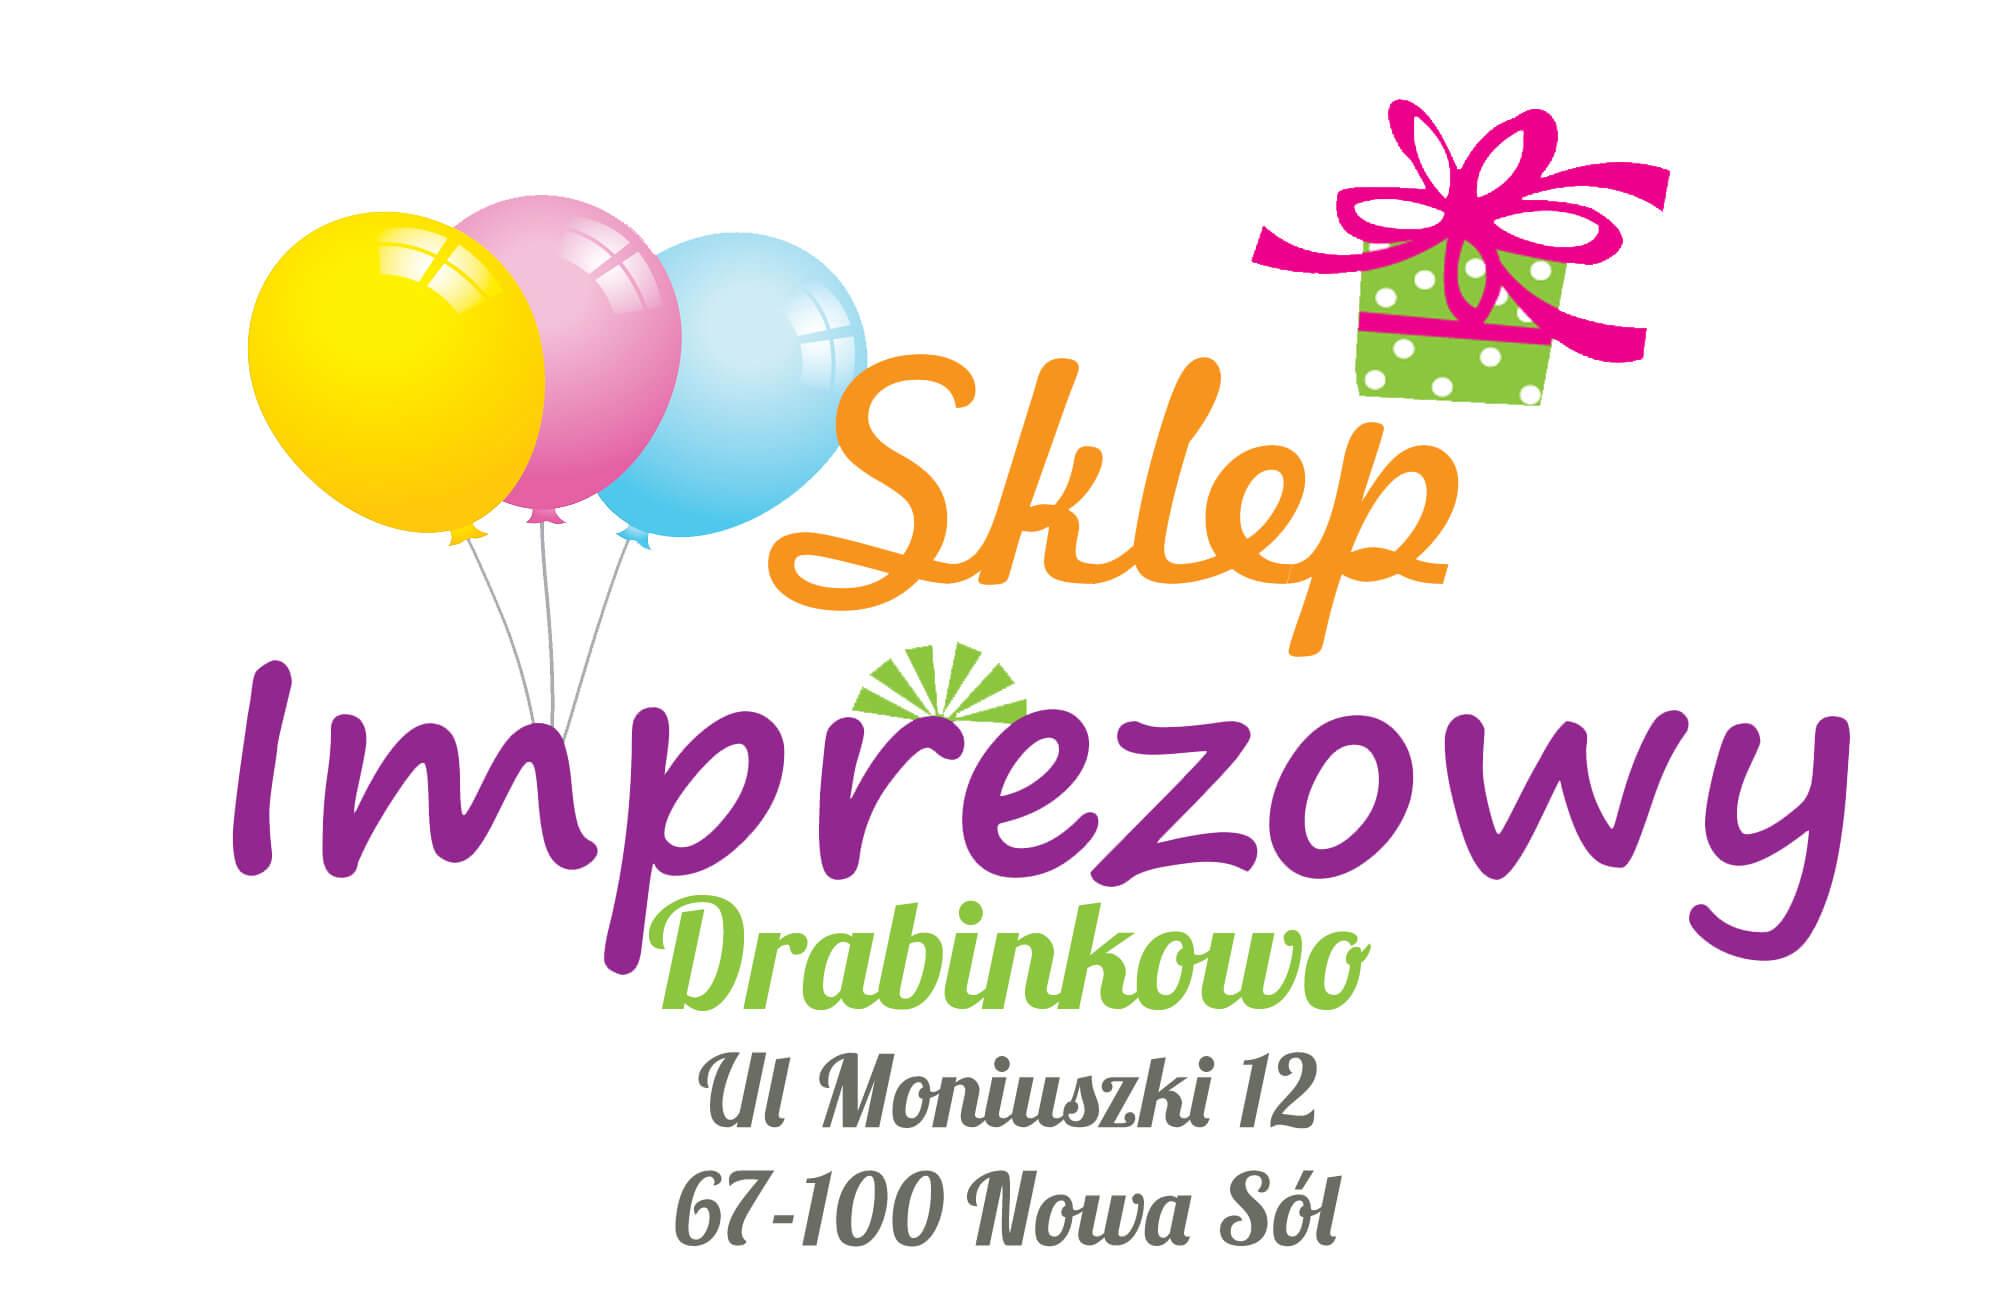 Drabinkowo